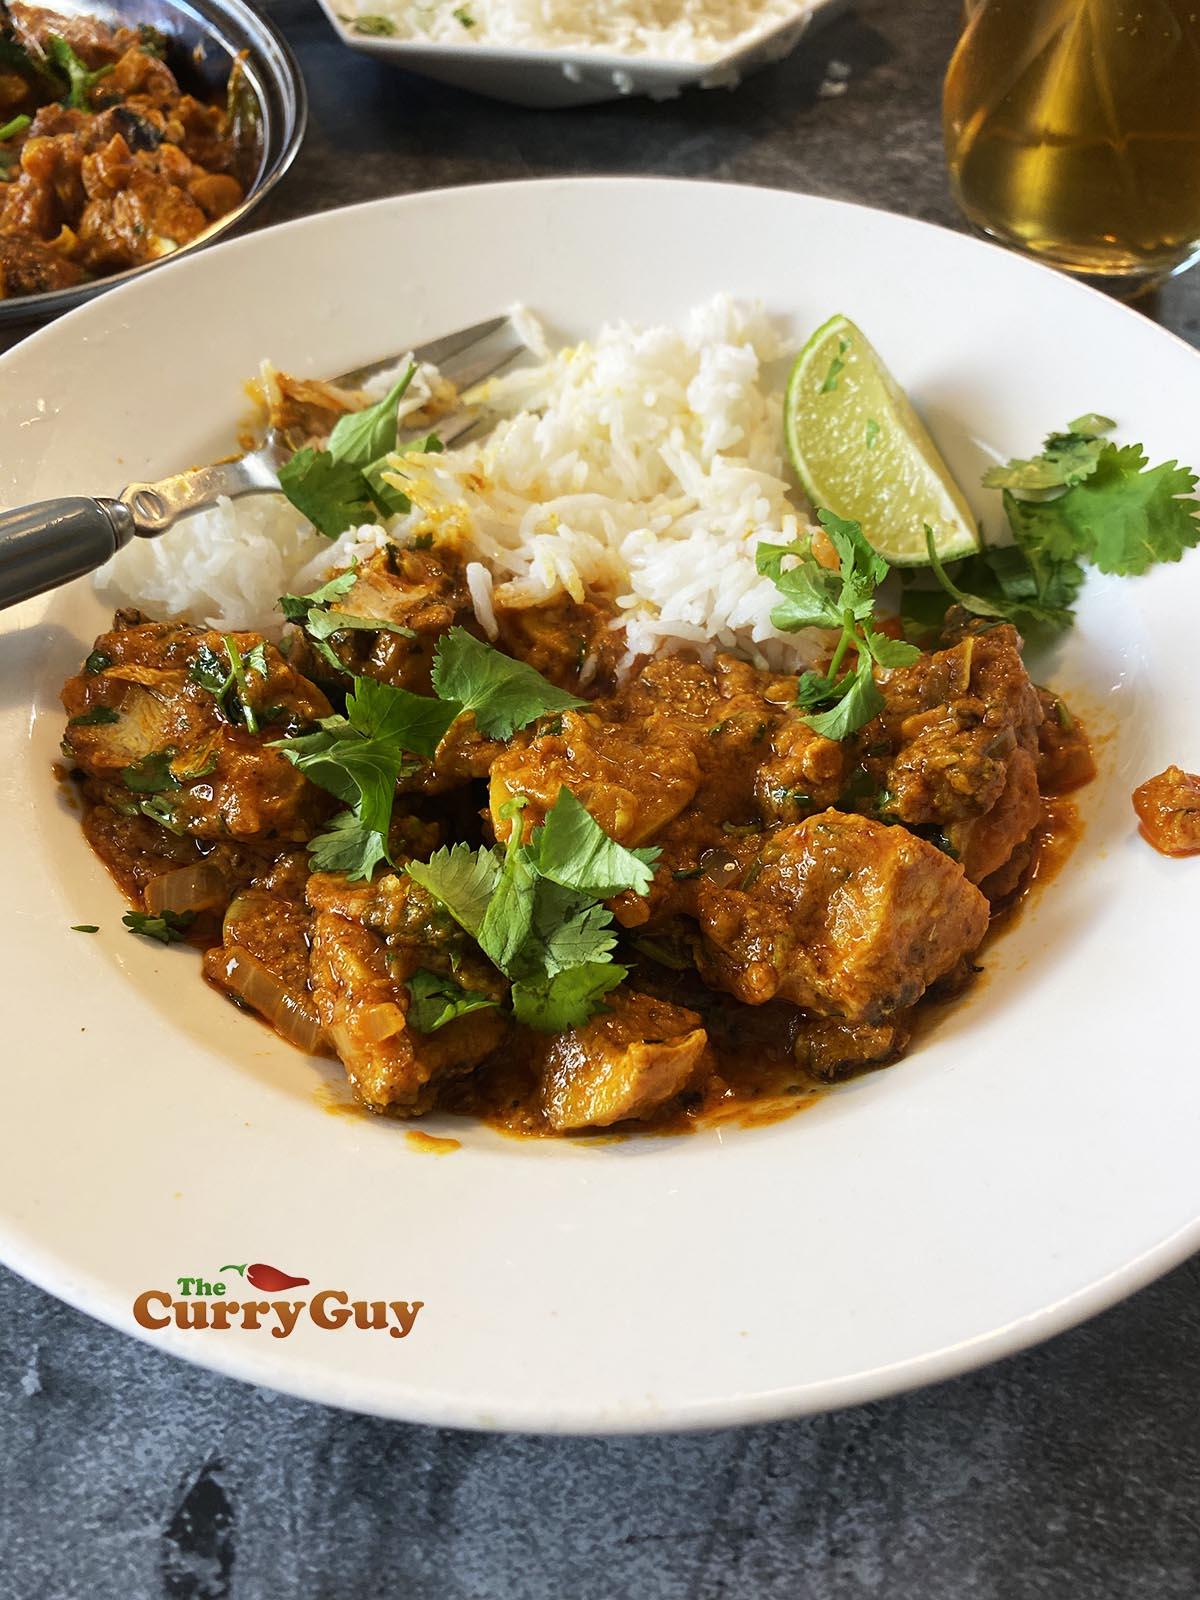 Chicken chilli garlic curry